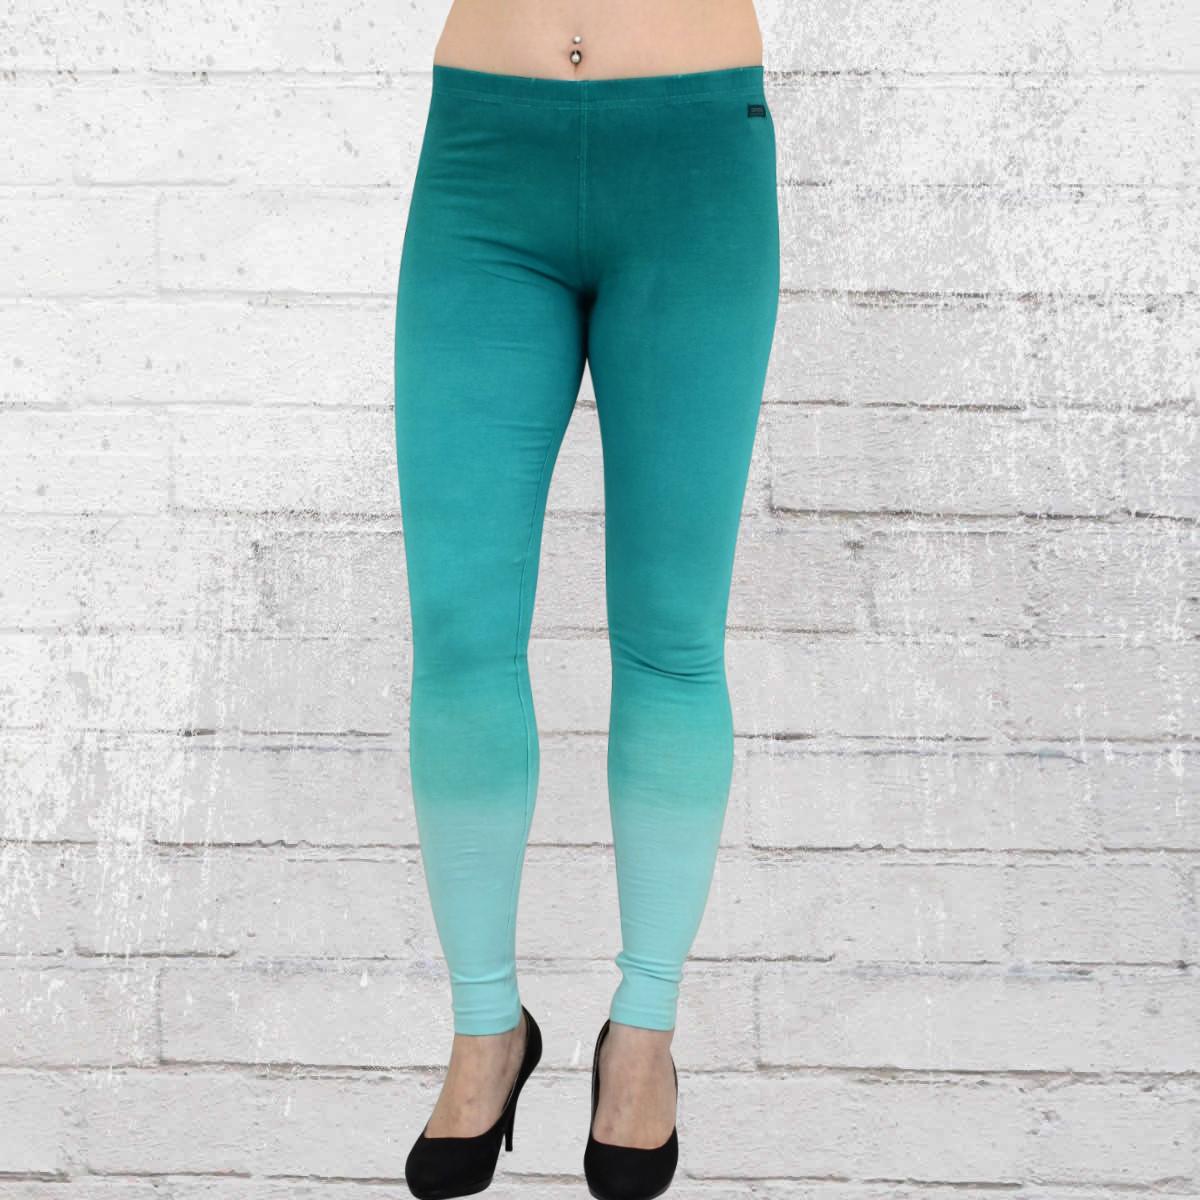 bf75b4a44bb8 Converse Womens Dip Dye Cotton Leggings turquoise